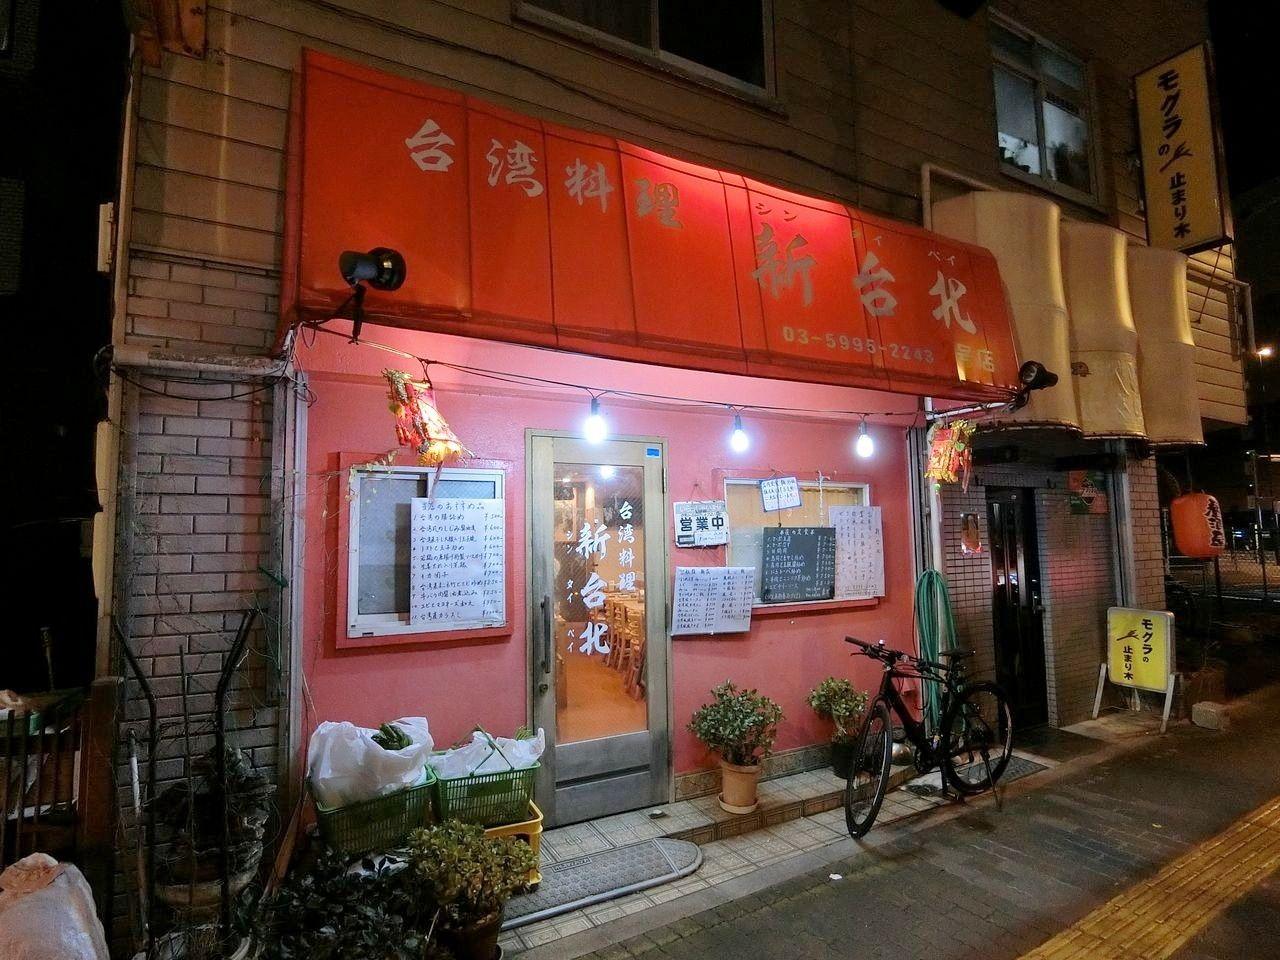 台湾料理「新台北(シンタイペイ)」